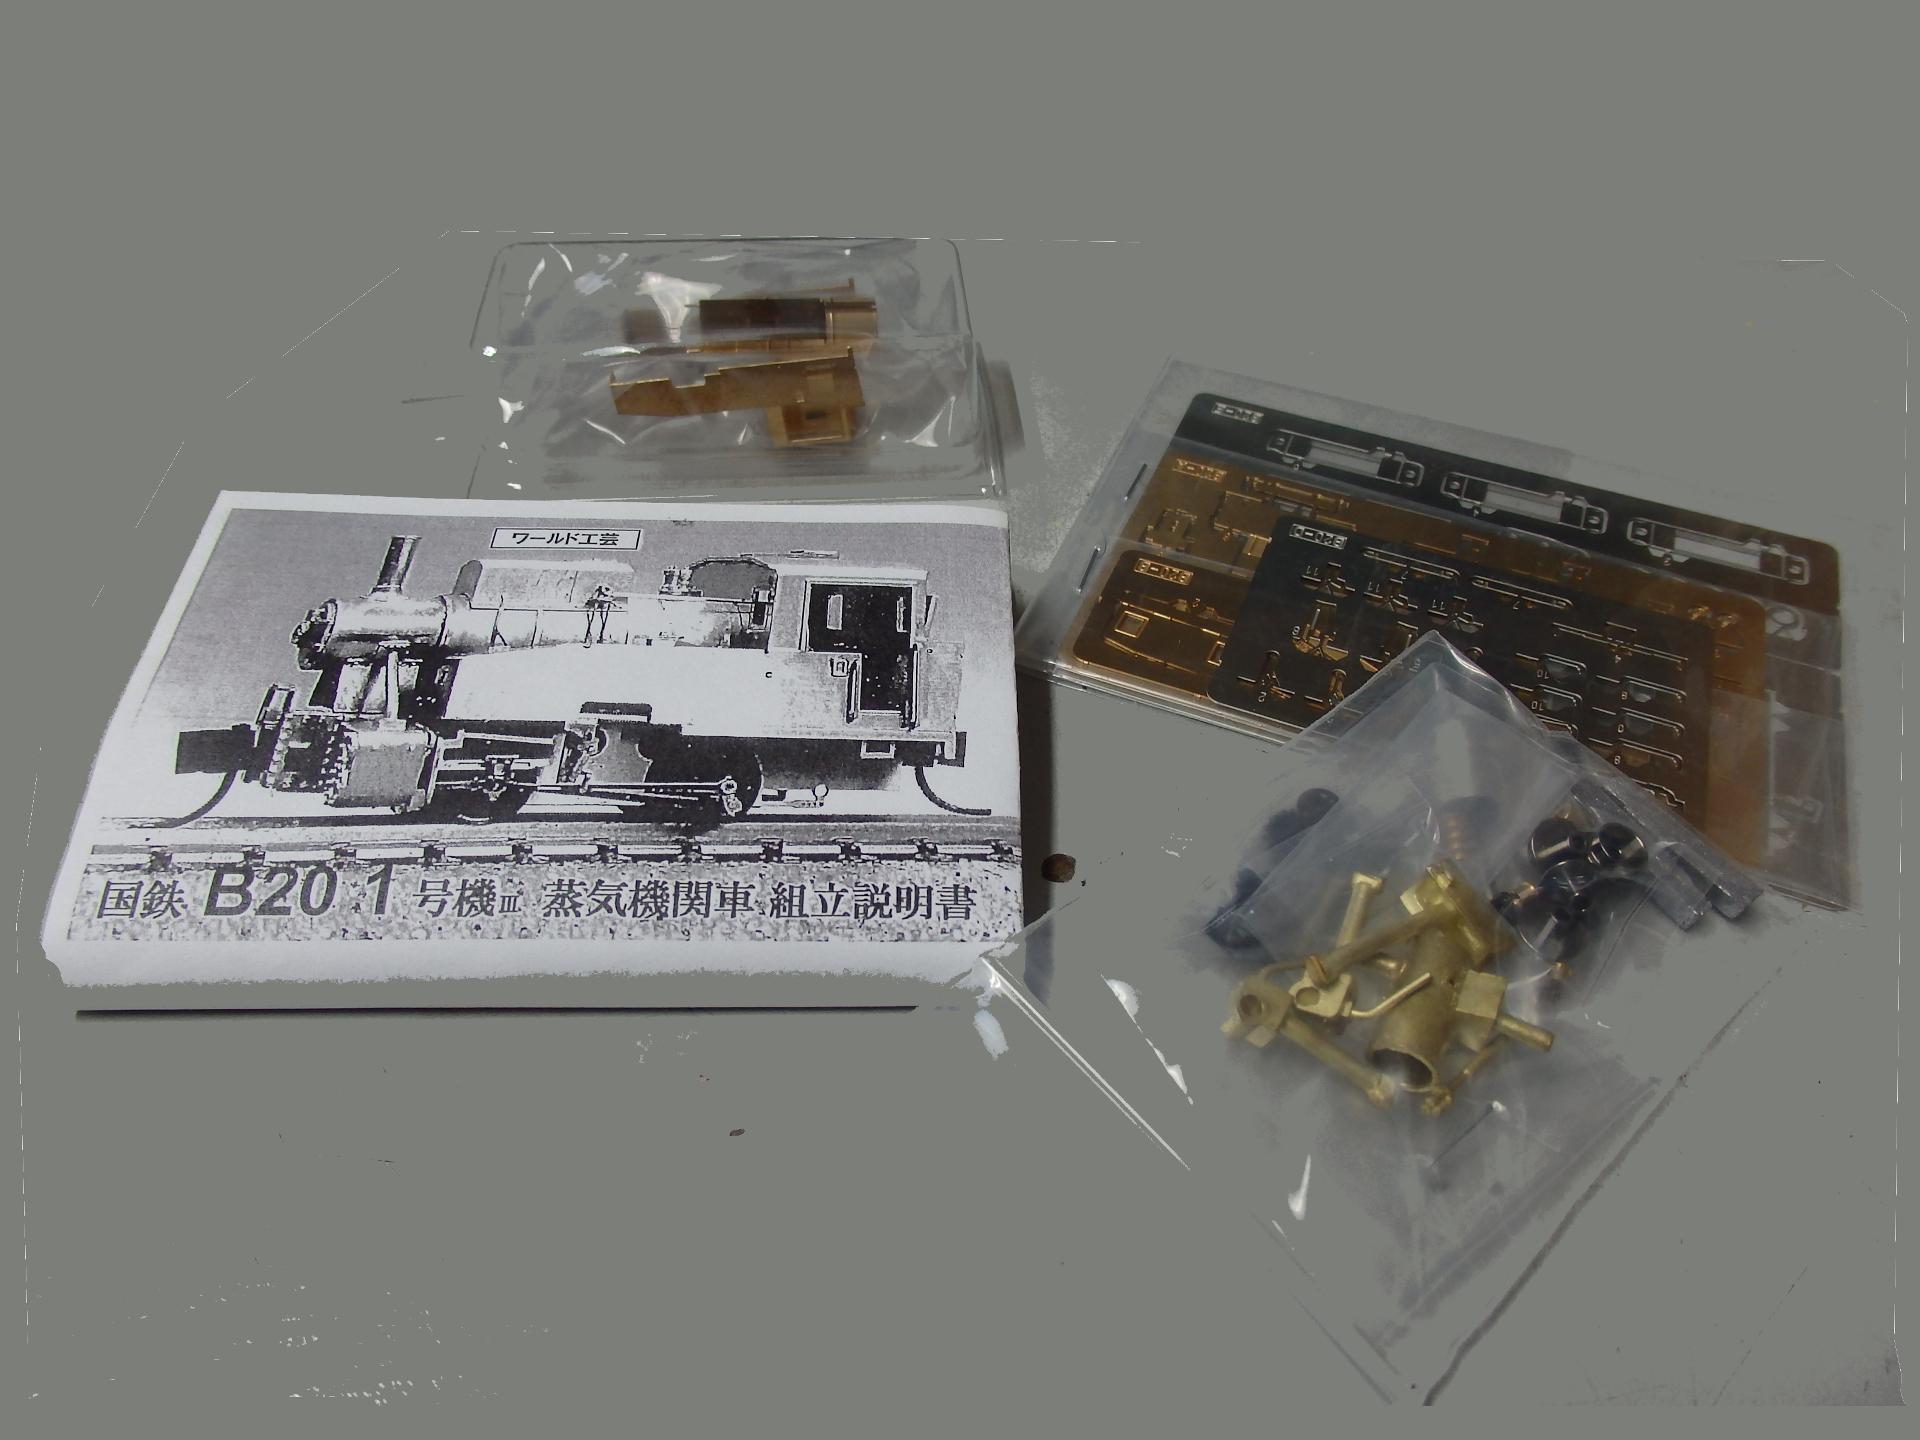 ワールド工芸のB20蒸気機関車キットを買いました。